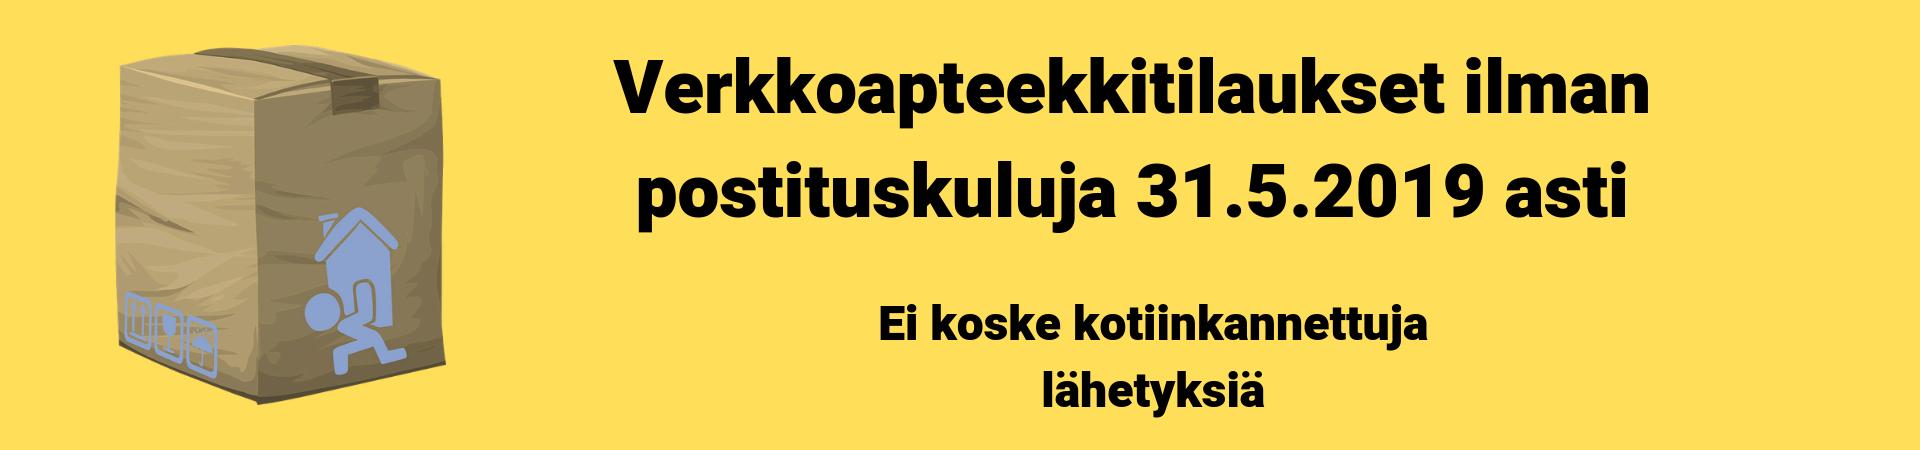 Verkkoapteekkitilaukset ilman toimitusmaksua toukokuun ajan 31.5.2019 asti ilman toimitusmaksua